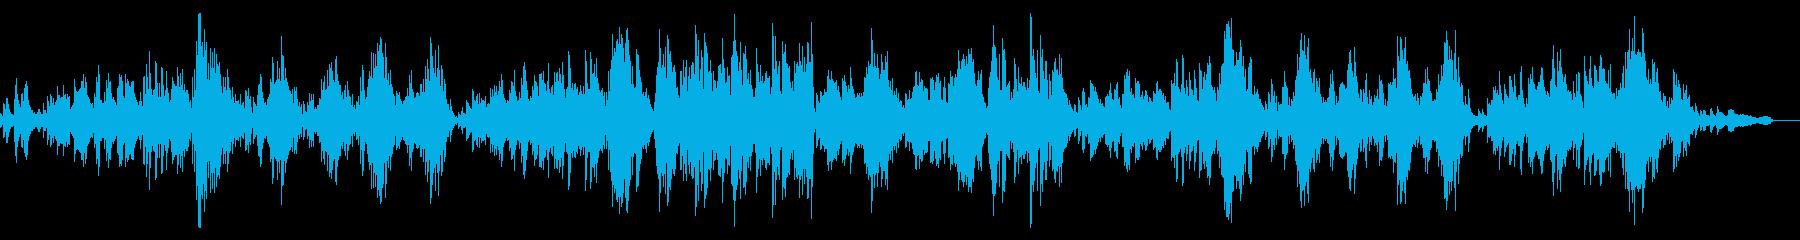 サティの名曲ジュ・トゥ・ヴー(ピアノ)の再生済みの波形